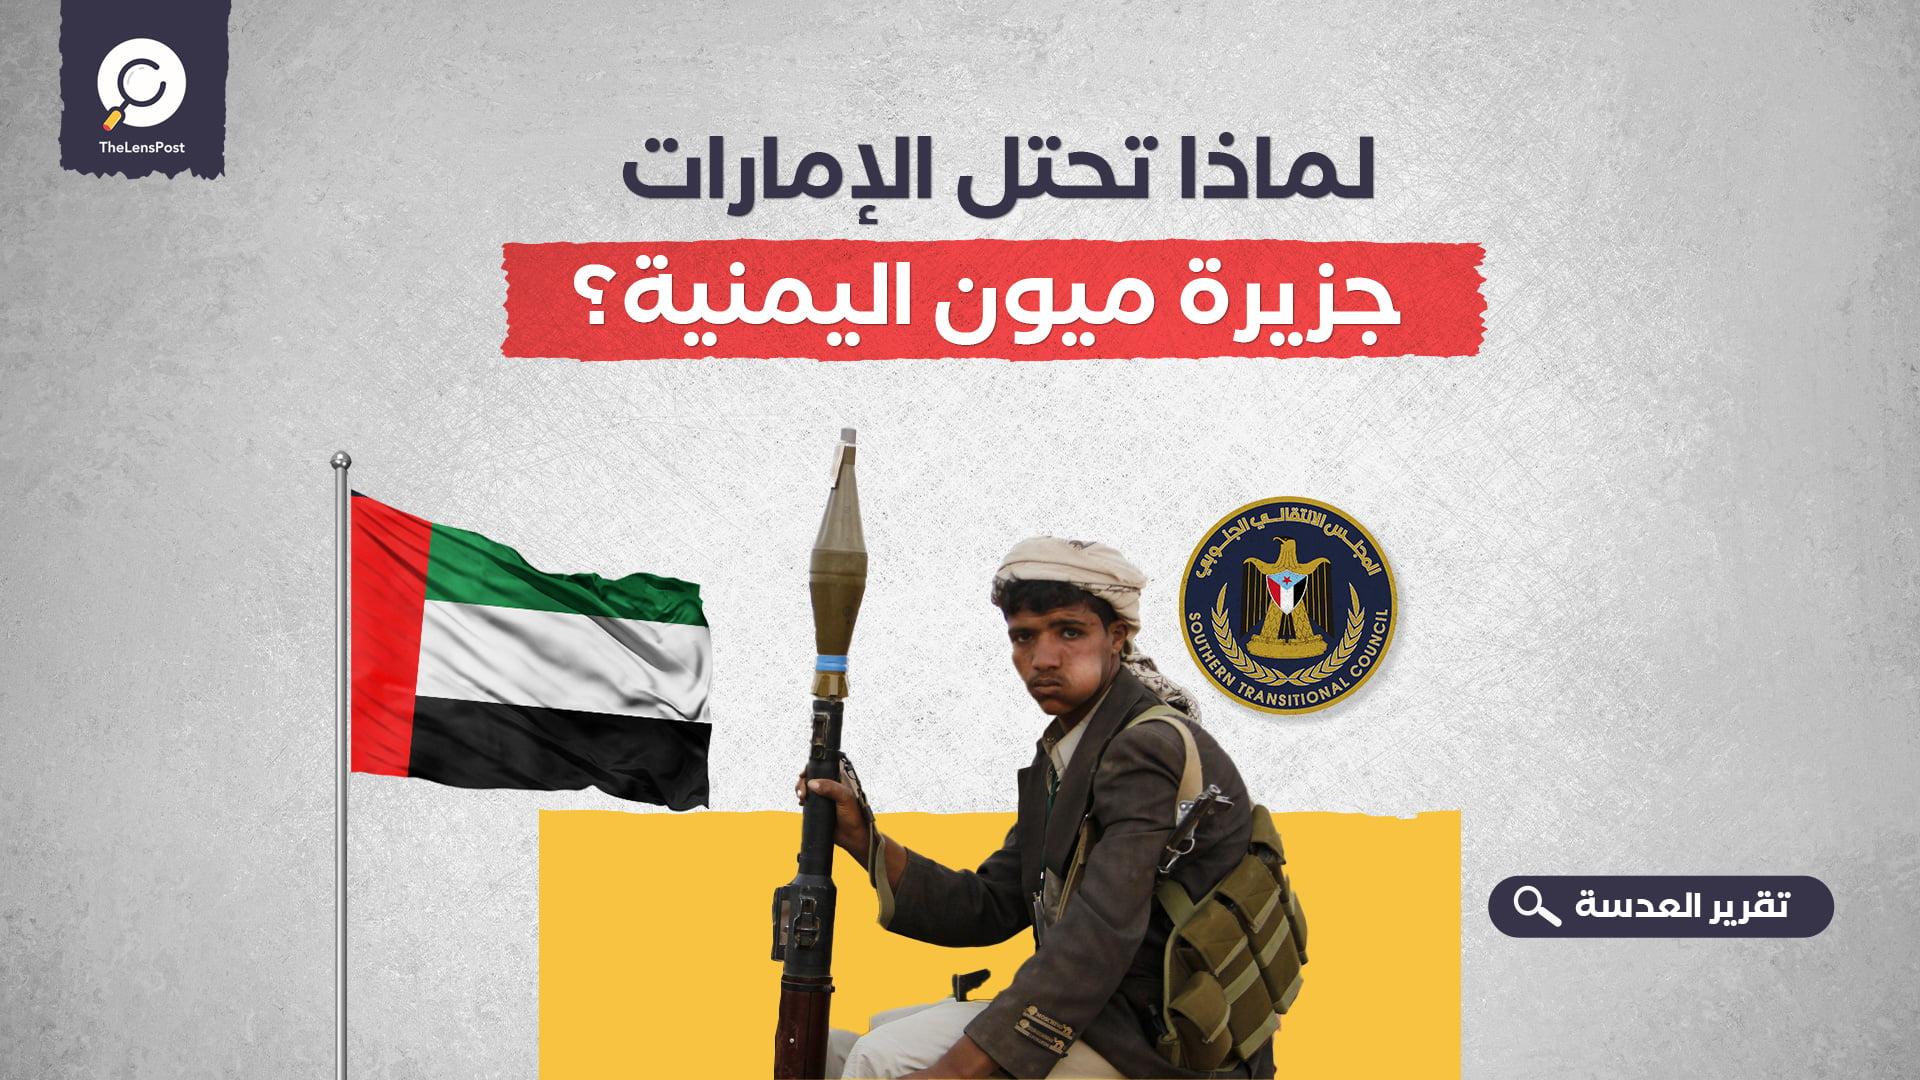 لماذا تحتل الإمارات جزيرة ميون اليمنية؟